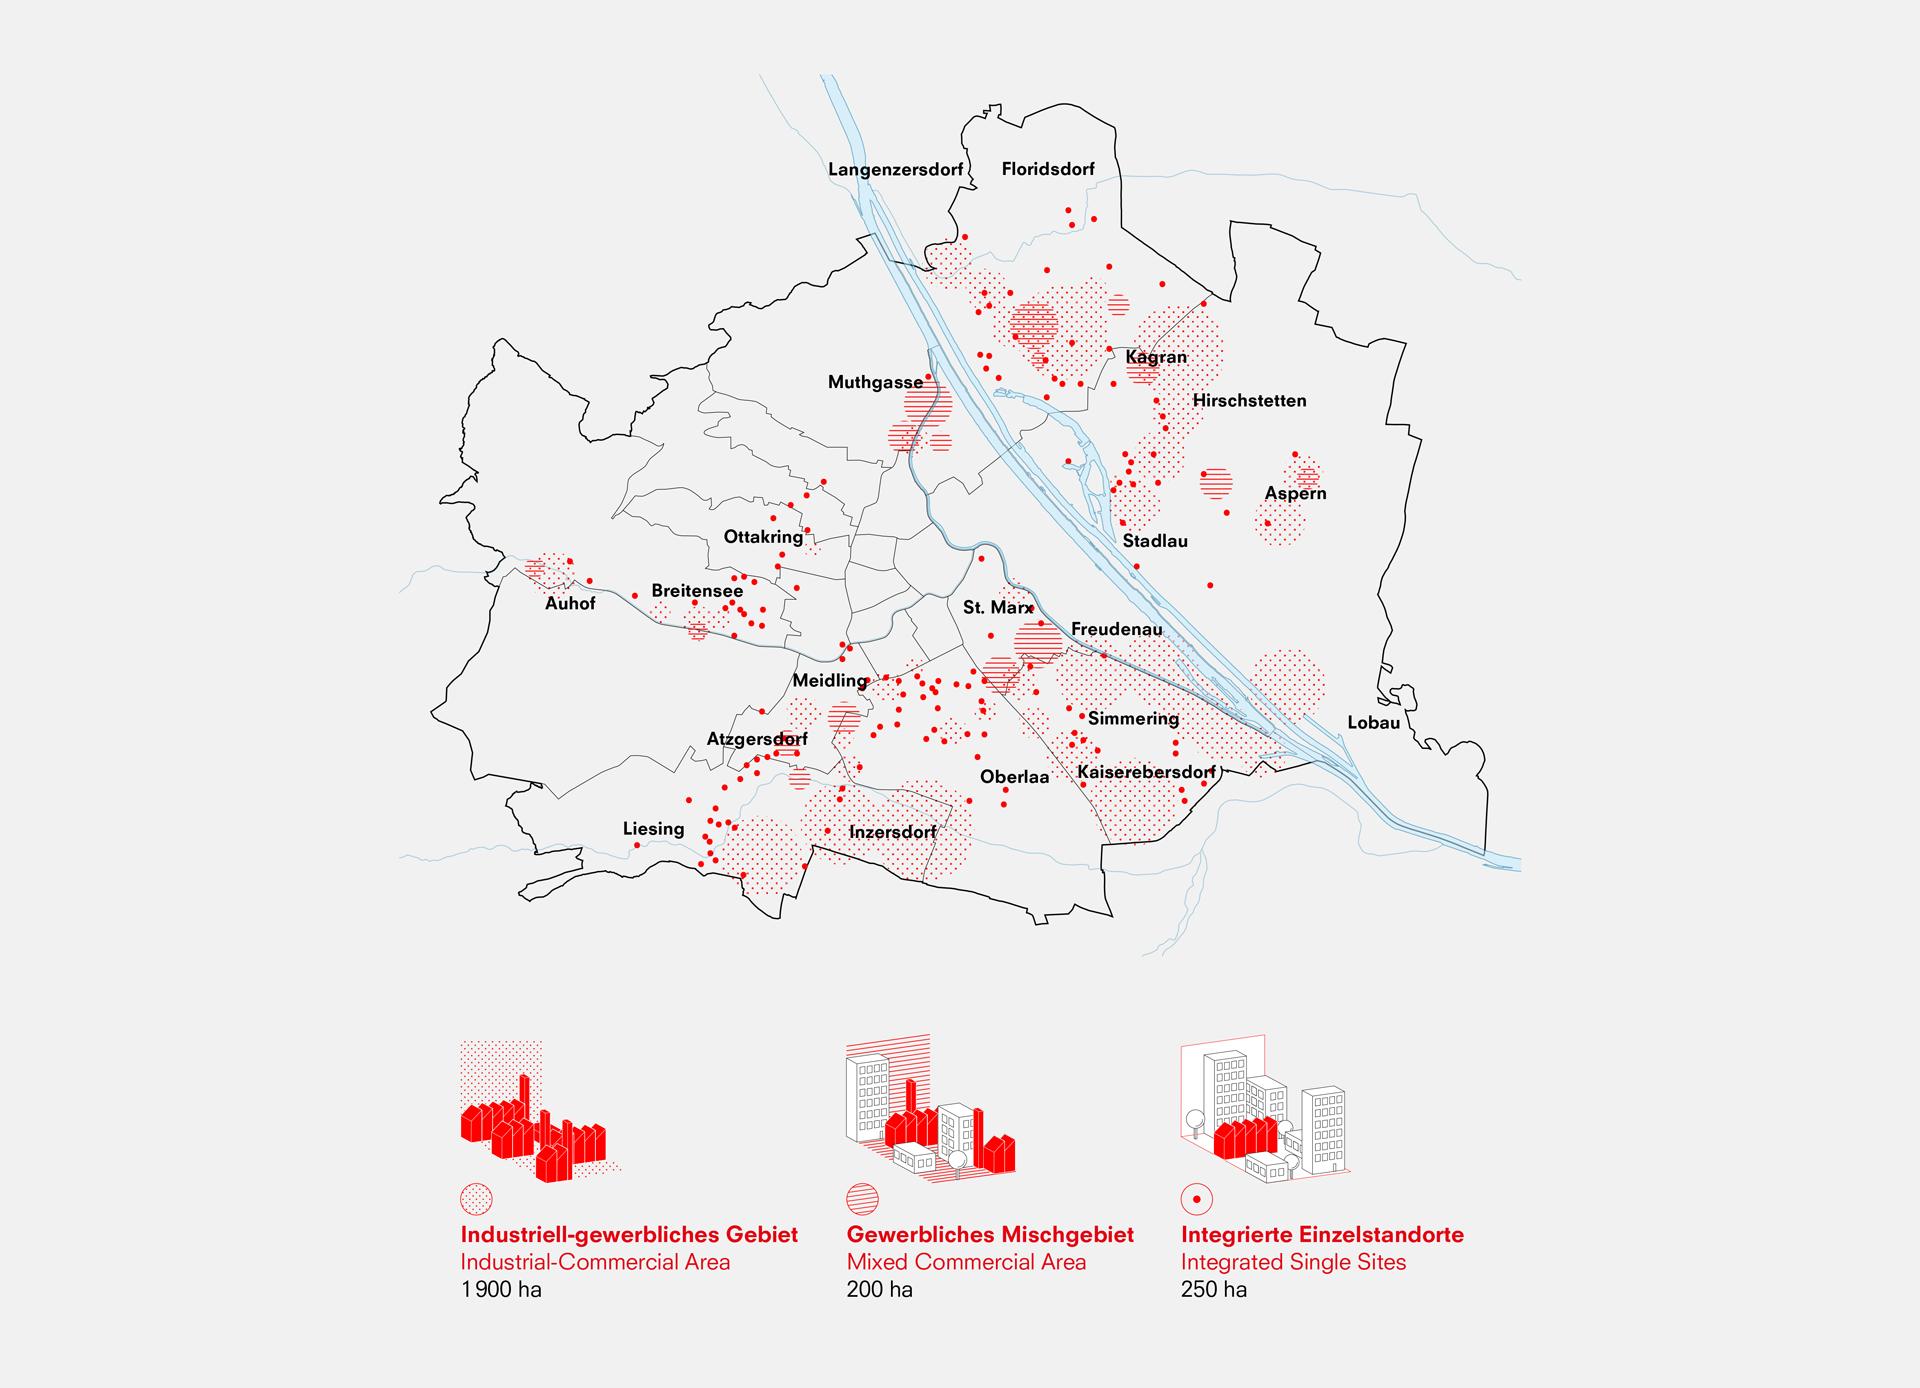 Karte der Stadt Wien mit eingezeichneten industriellen und gewerblichen Standorten in rot eingezeichnet